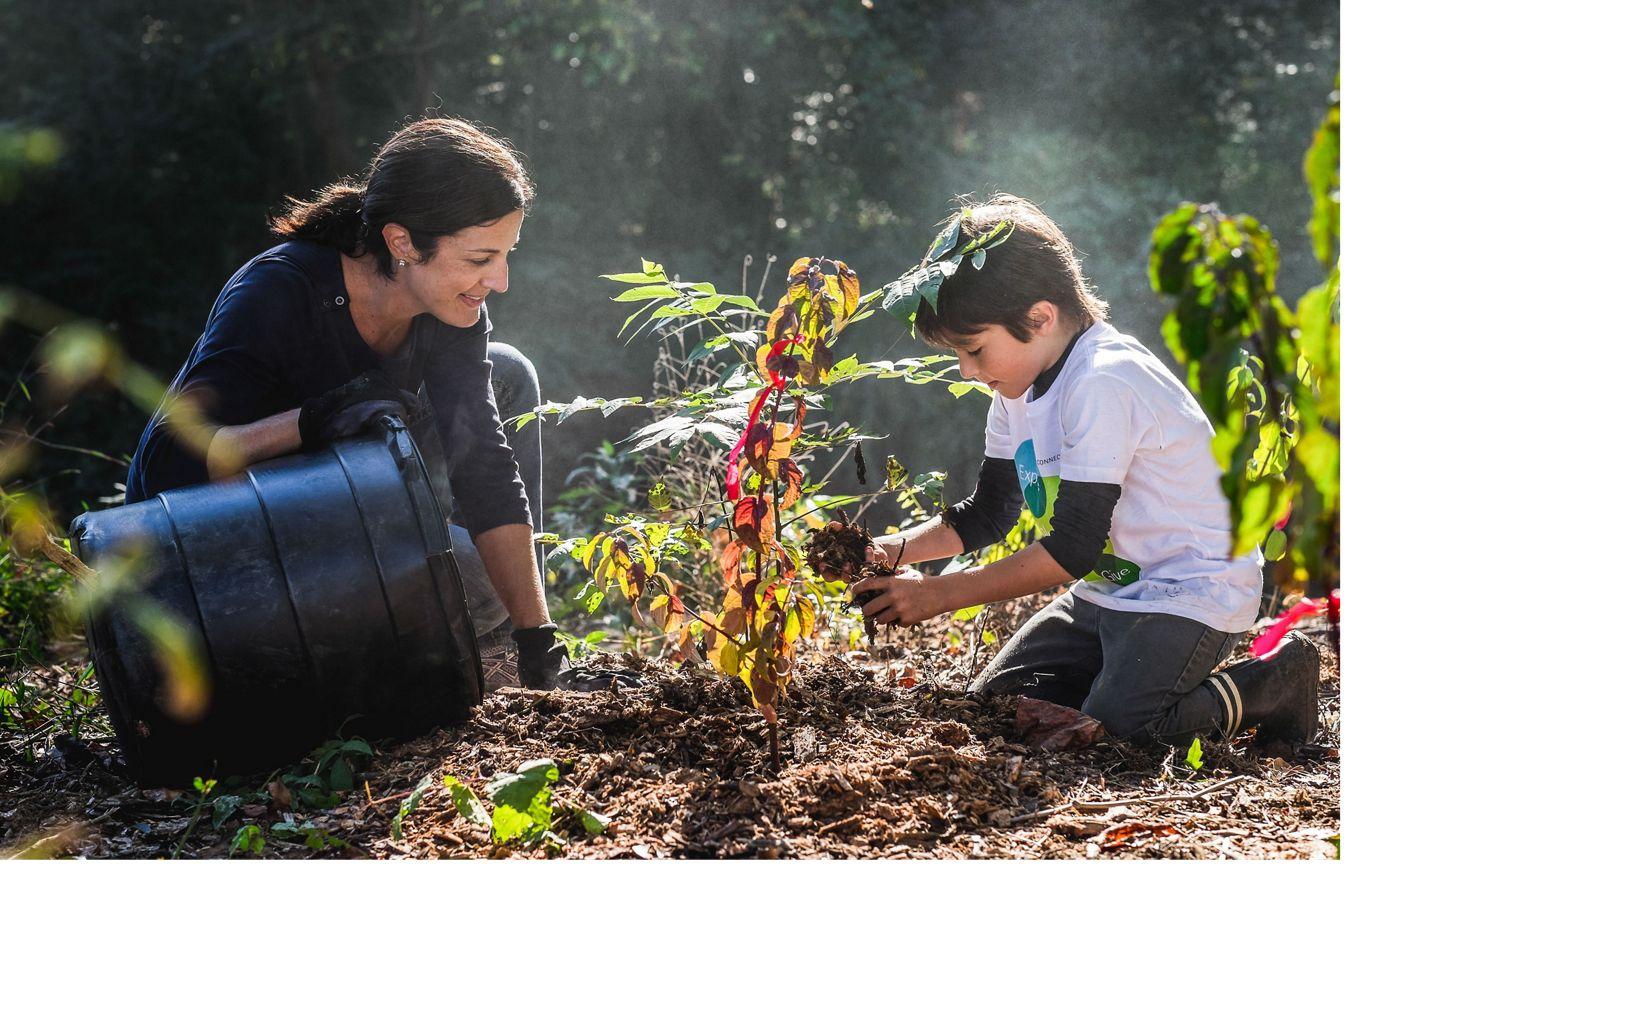 Volunteers planting trees in Atlanta.